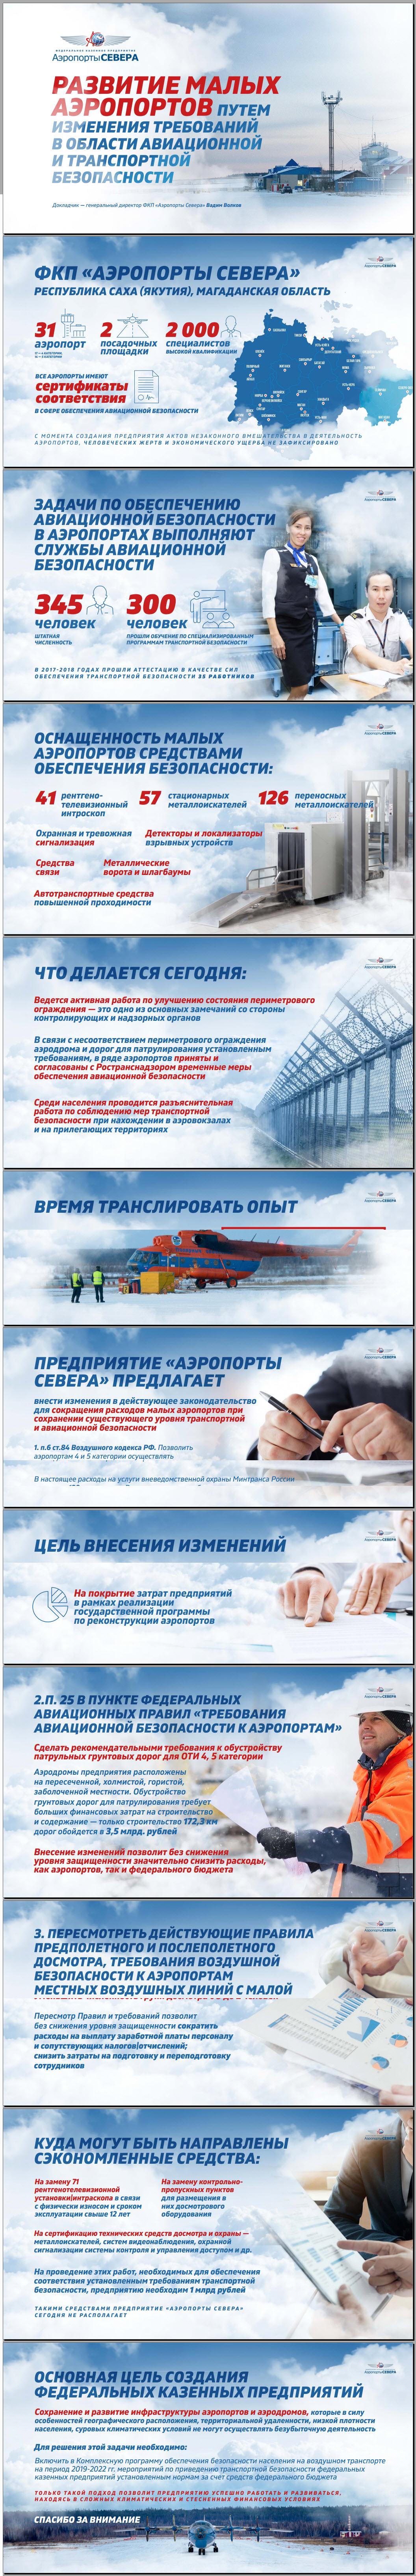 Презентация к докладу. Малые аэропорты Севера.